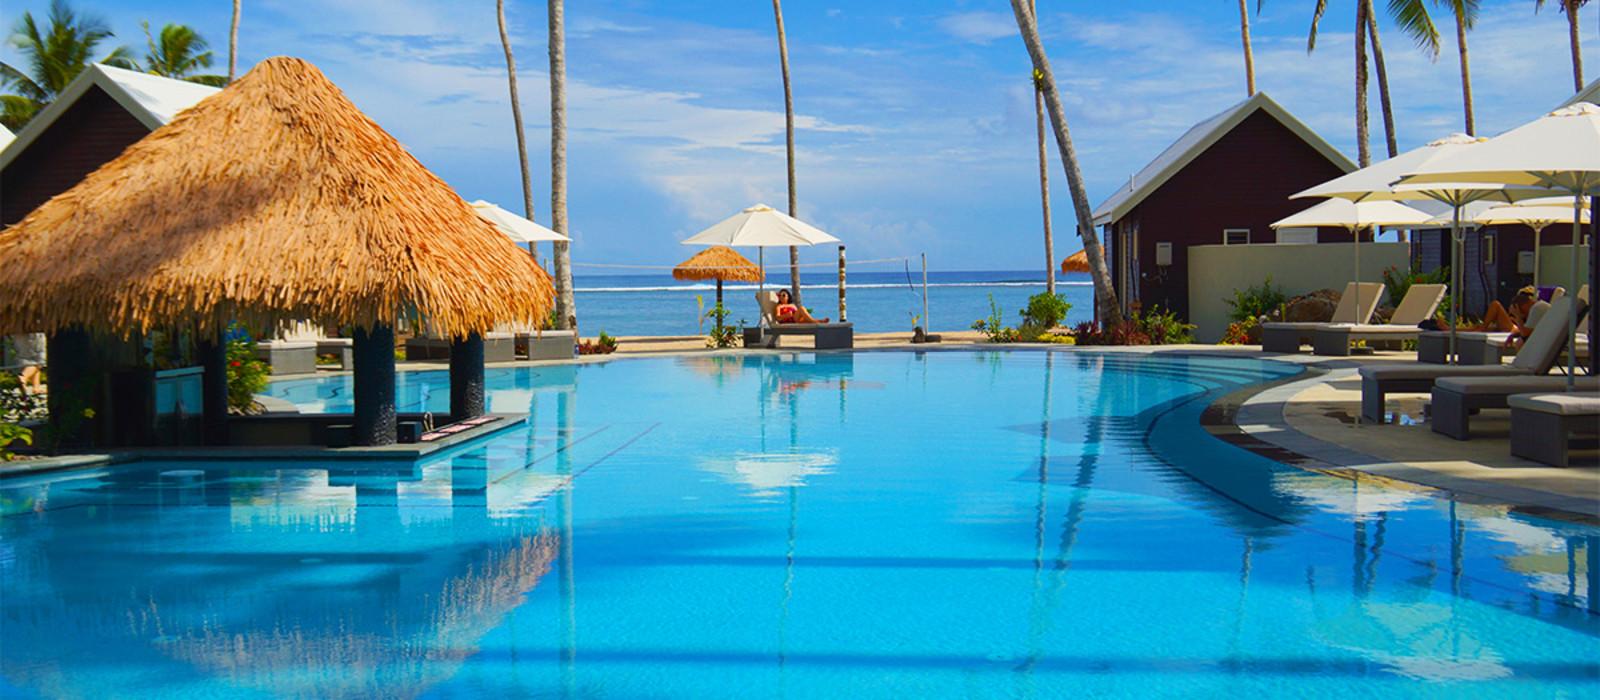 Hotel Saletoga Sands Resort Samoa